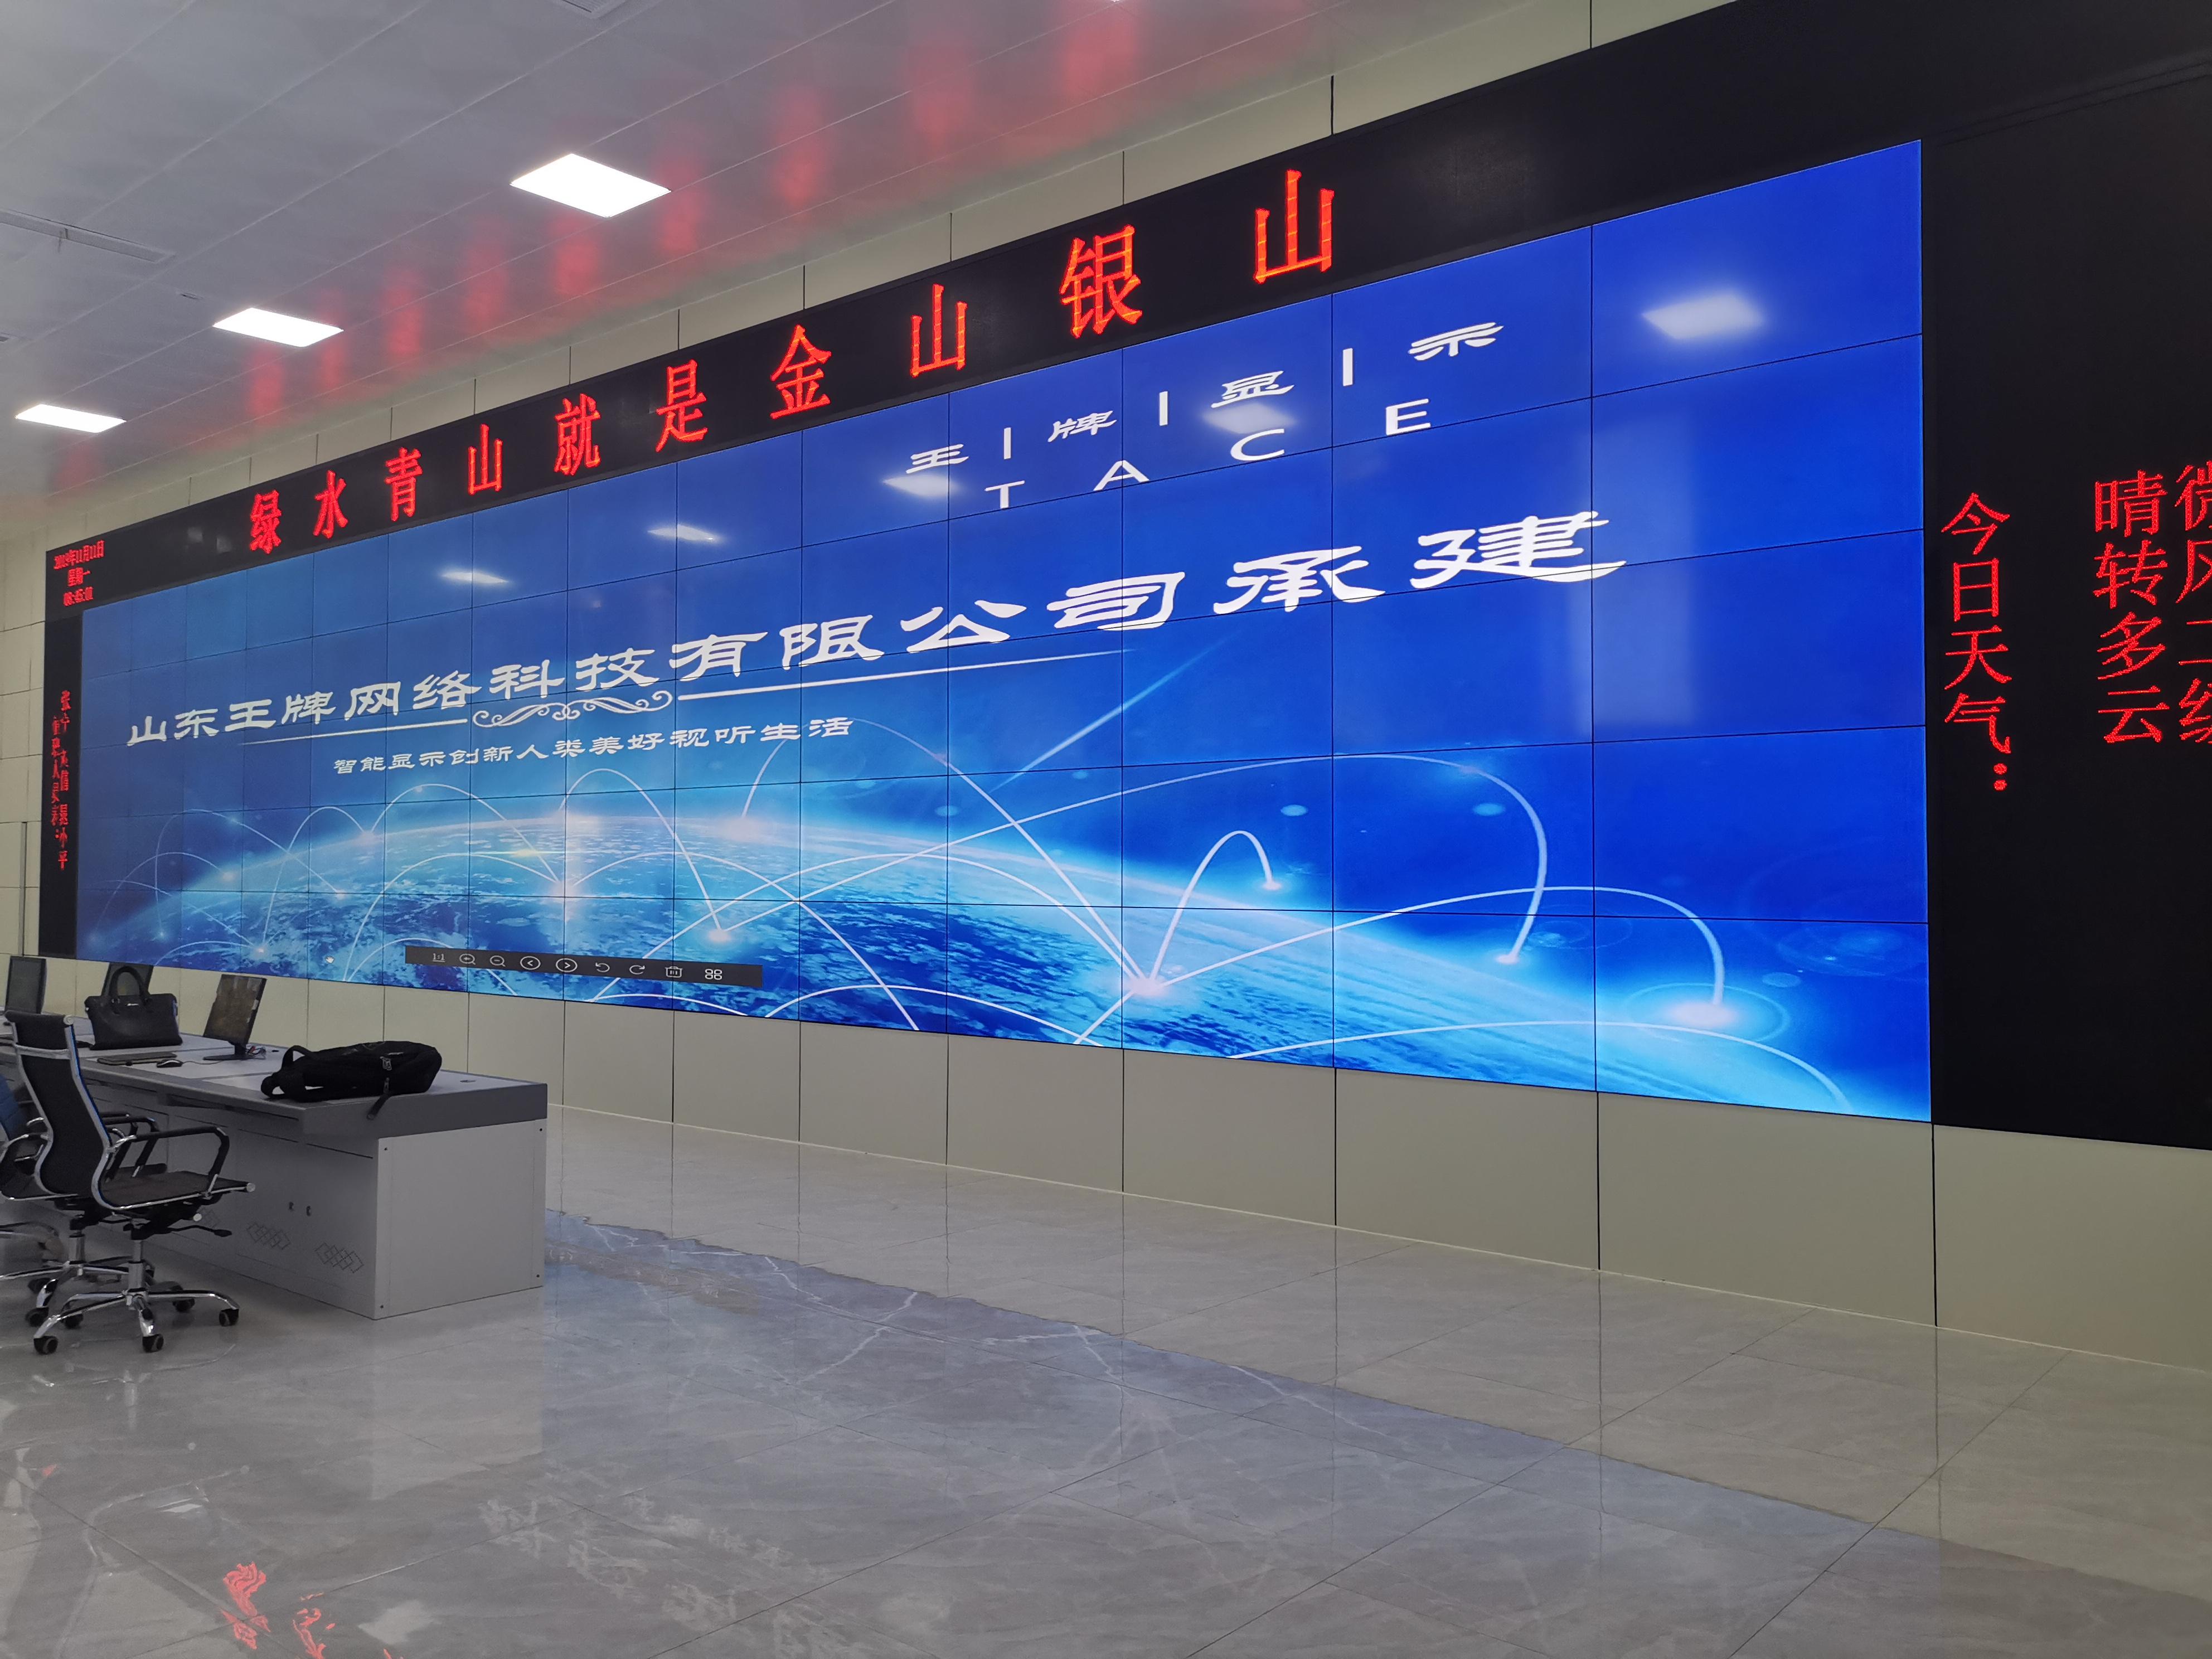 王牌显示产品应用于汶上-联想控股集团